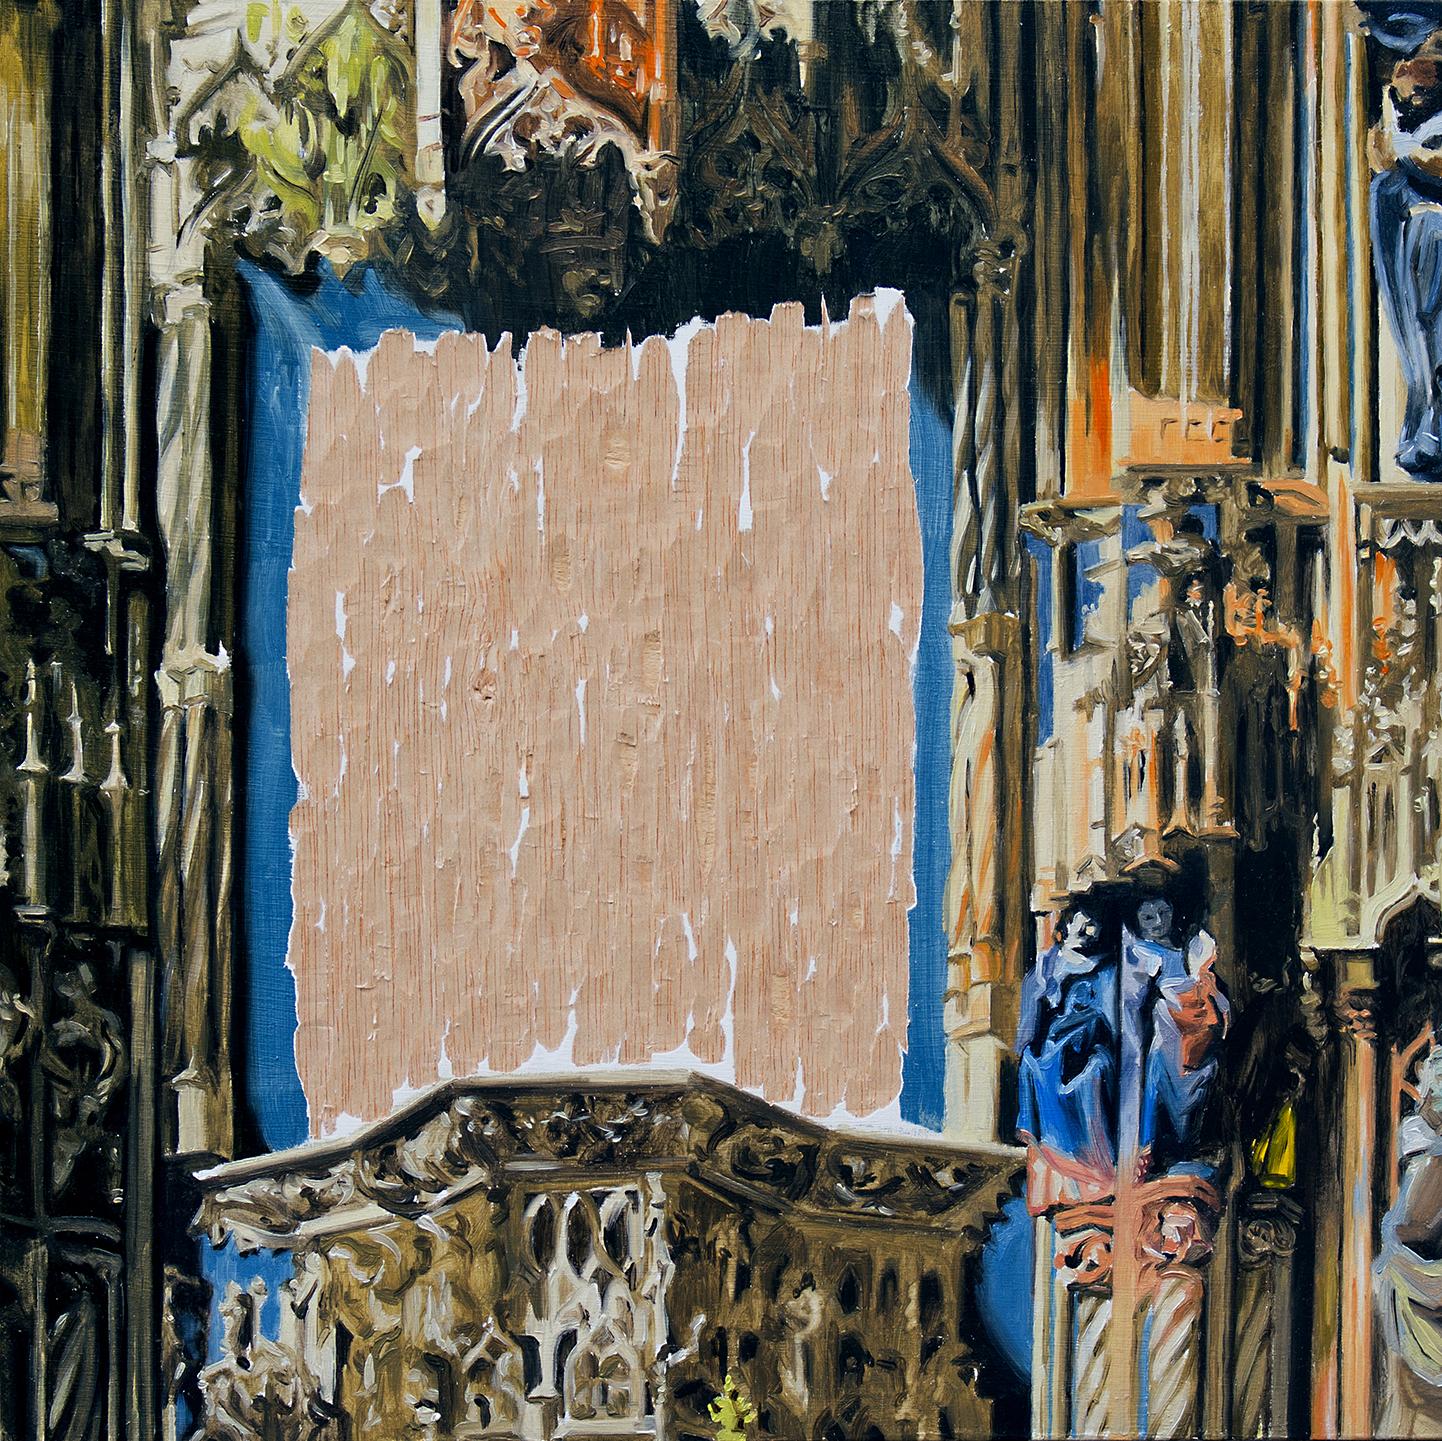 Hueco en la Catedral de Burgos. Óleo sobre tabla. 35 x 35 cm.